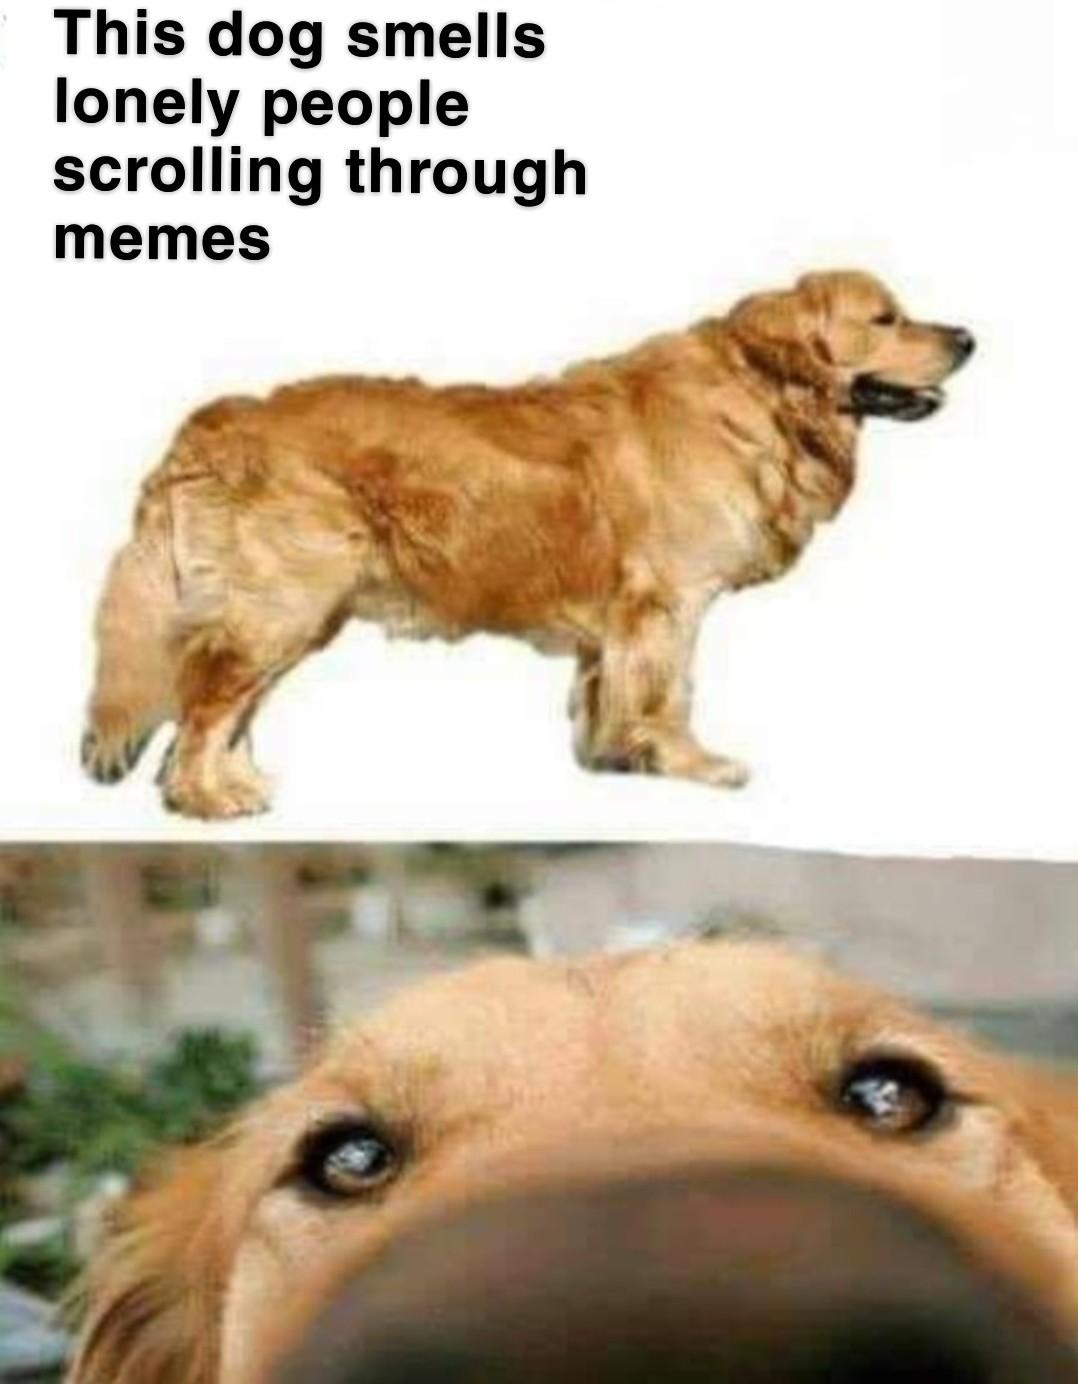 In my case, it's true - meme